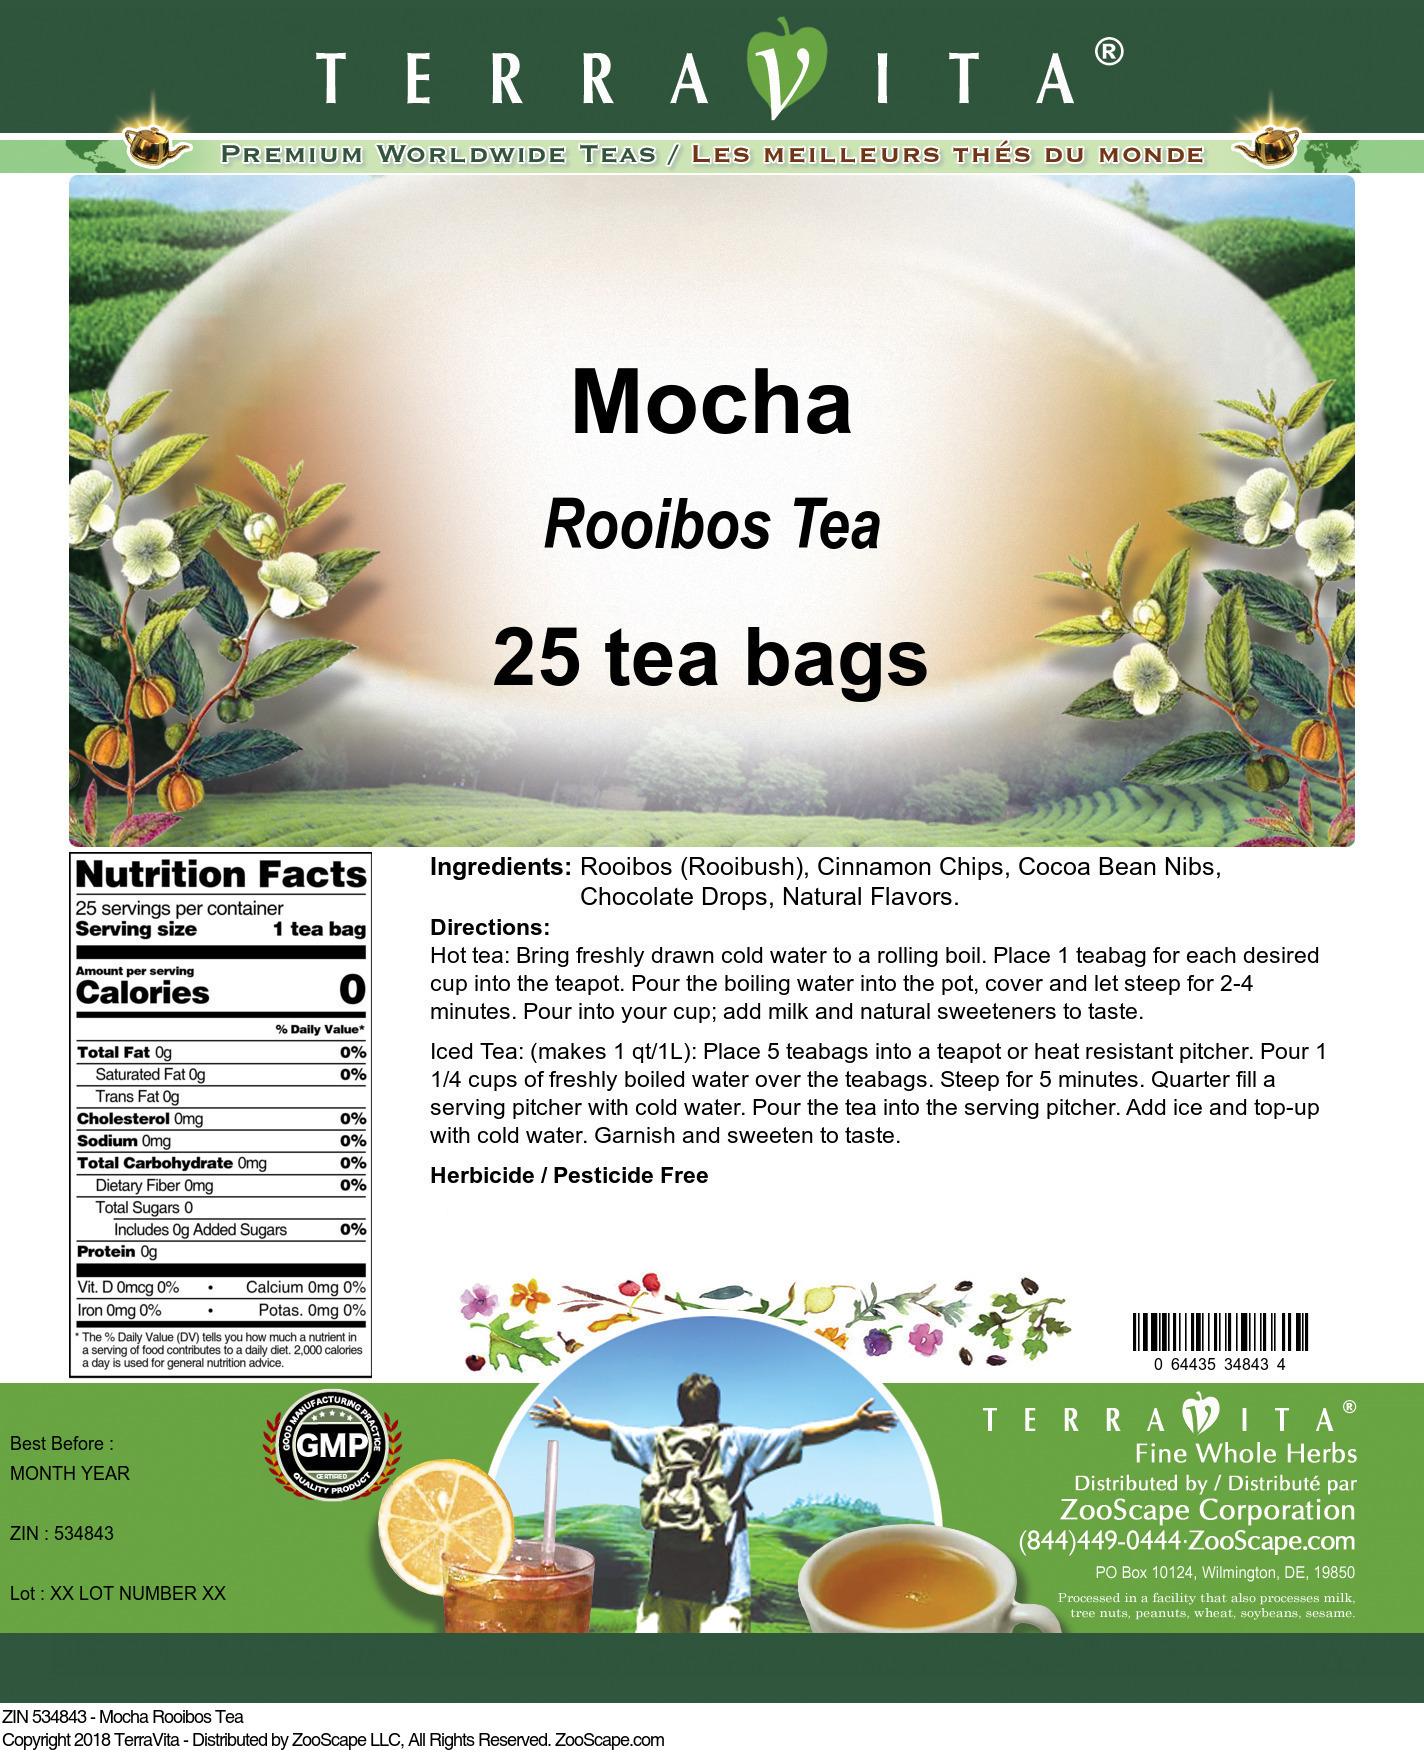 Mocha Rooibos Tea